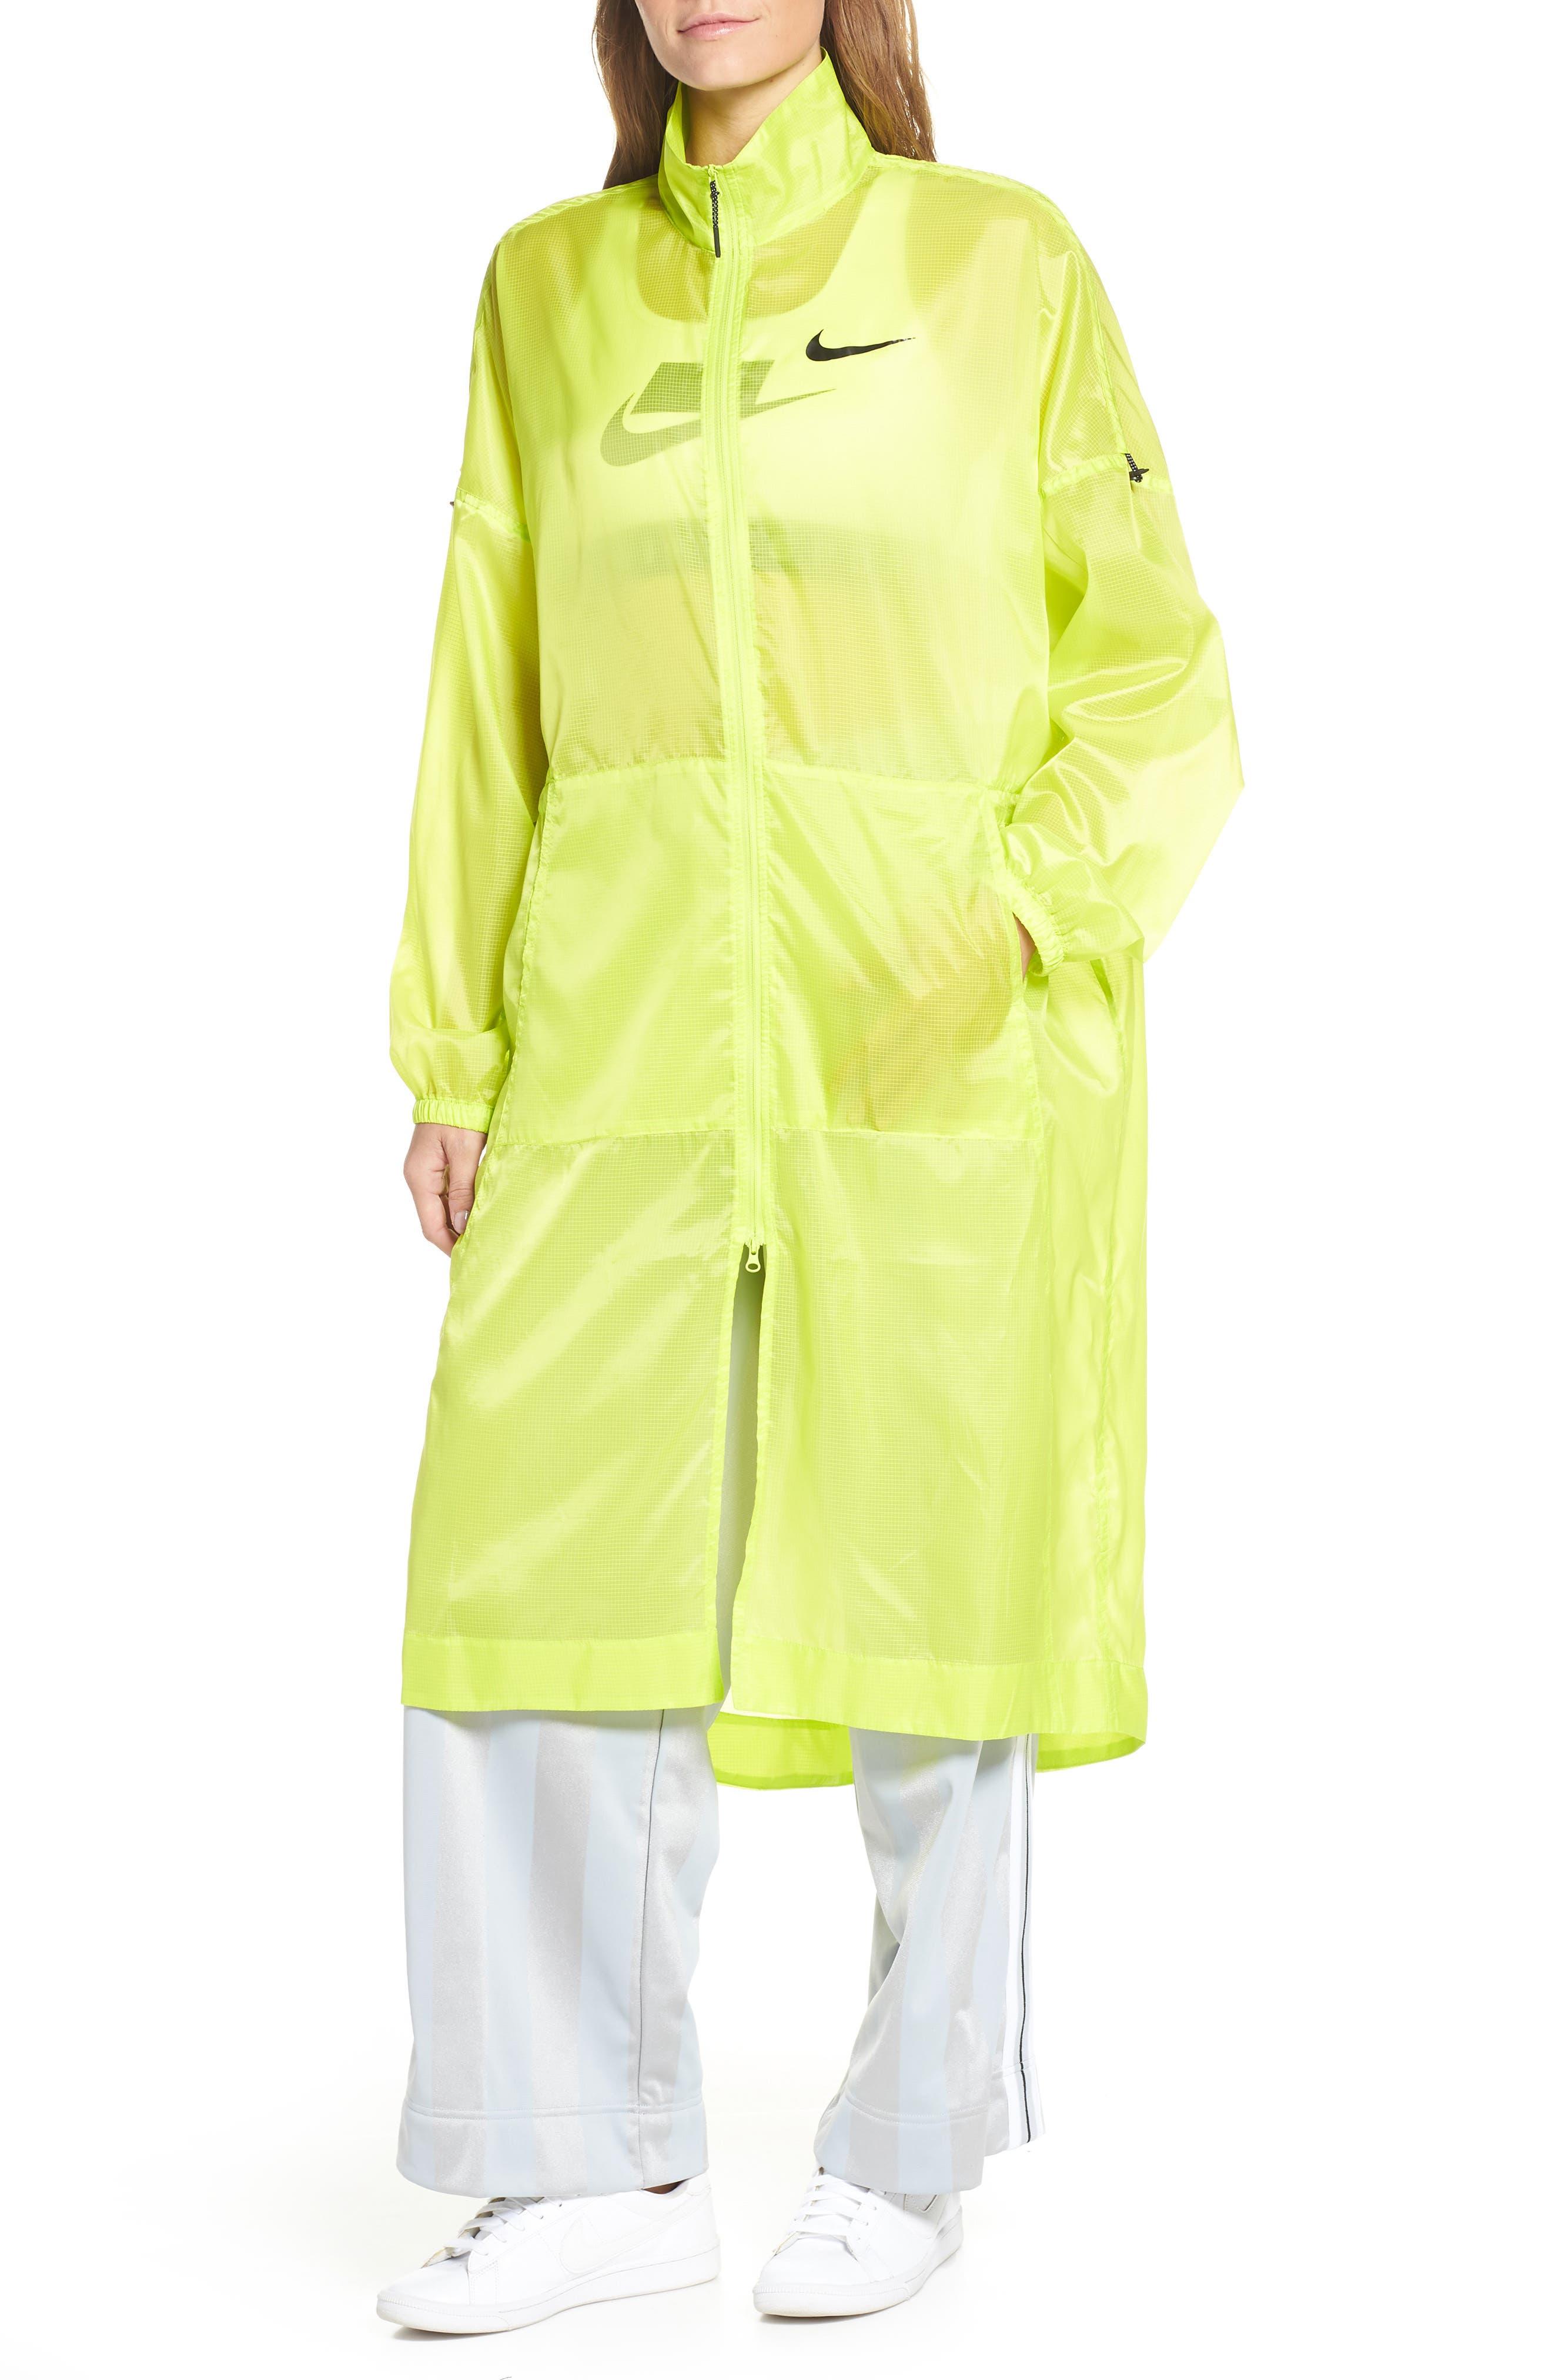 NIKE,                             Sportswear Women's Woven Jacket,                             Alternate thumbnail 4, color,                             CYBER/ BLACK